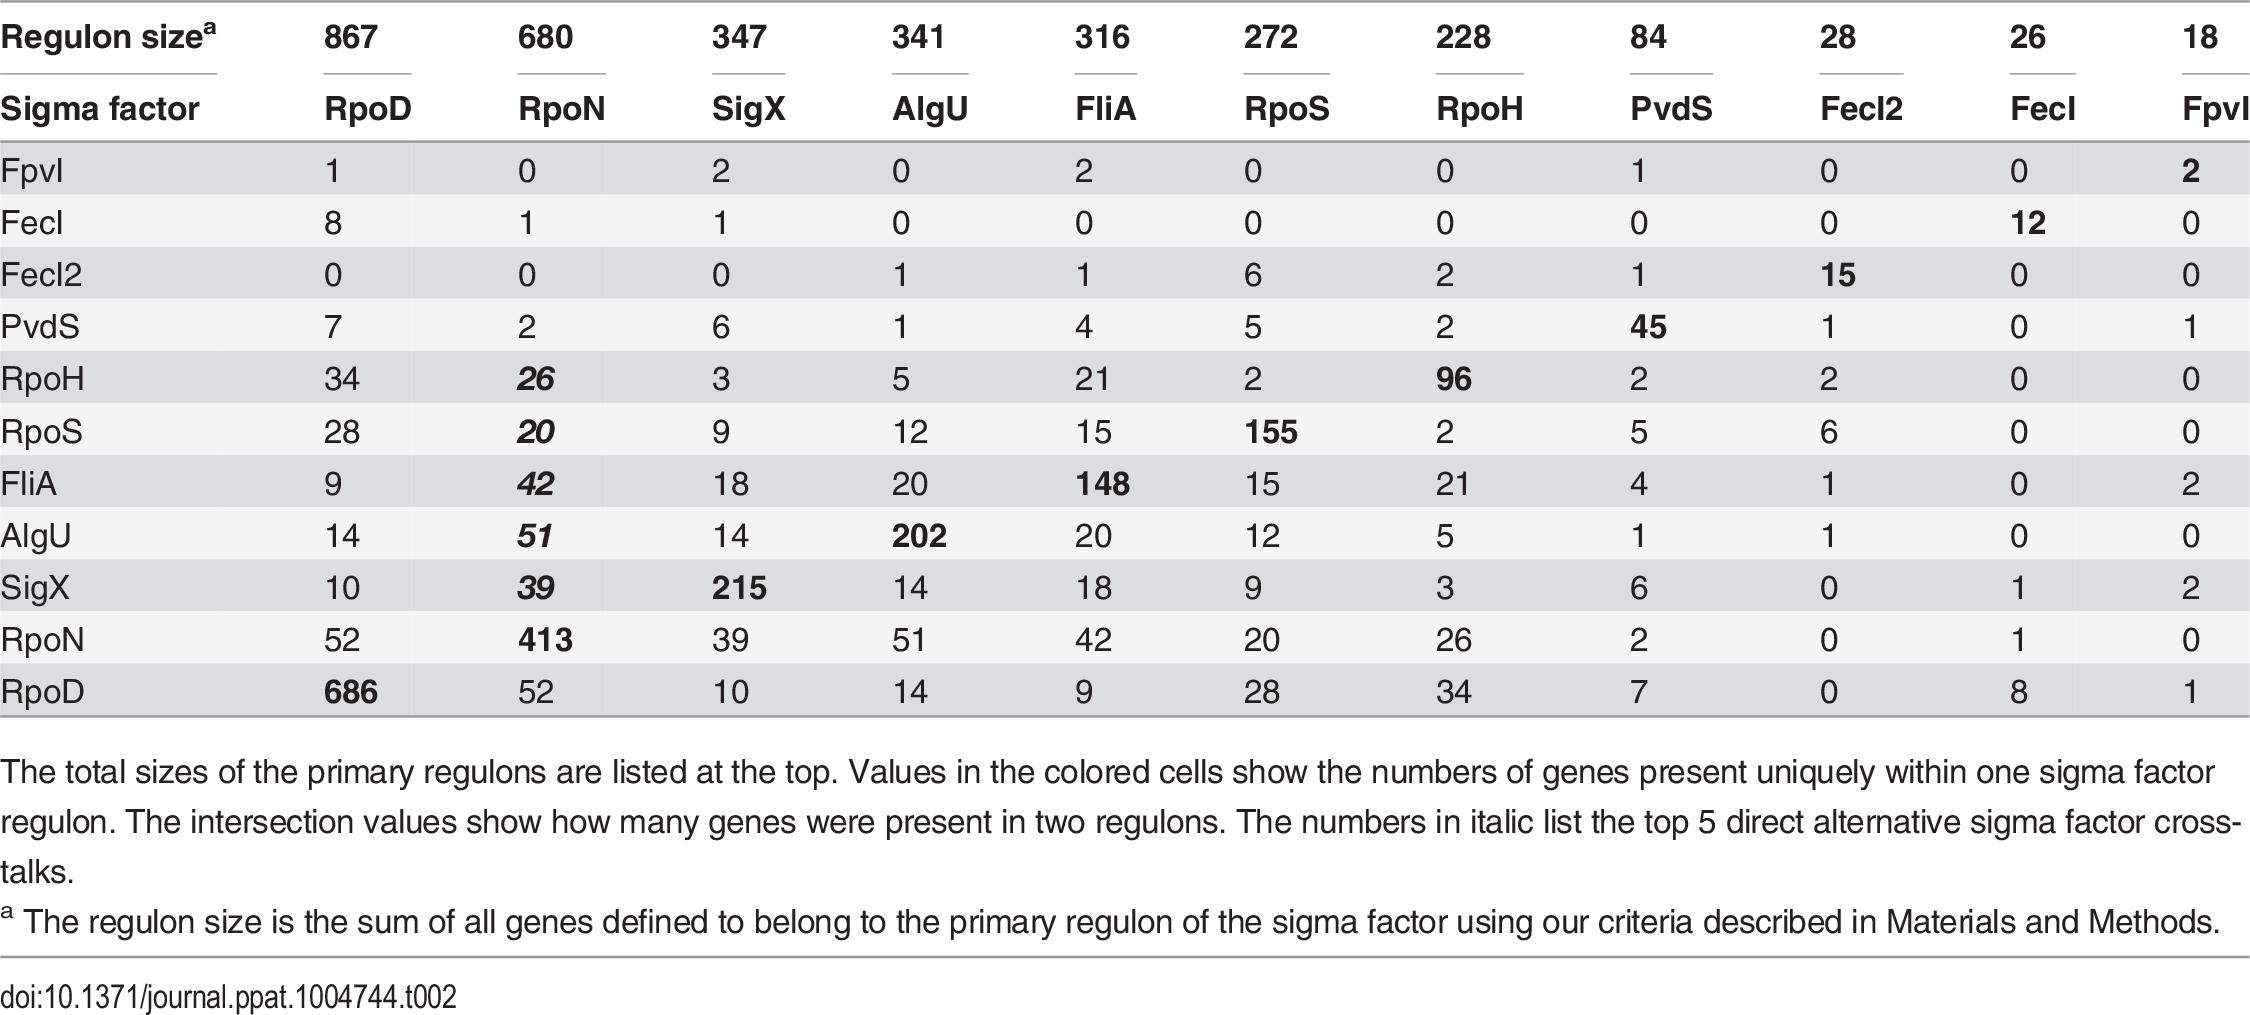 Quantitative analysis of primary sigma factor regulons.